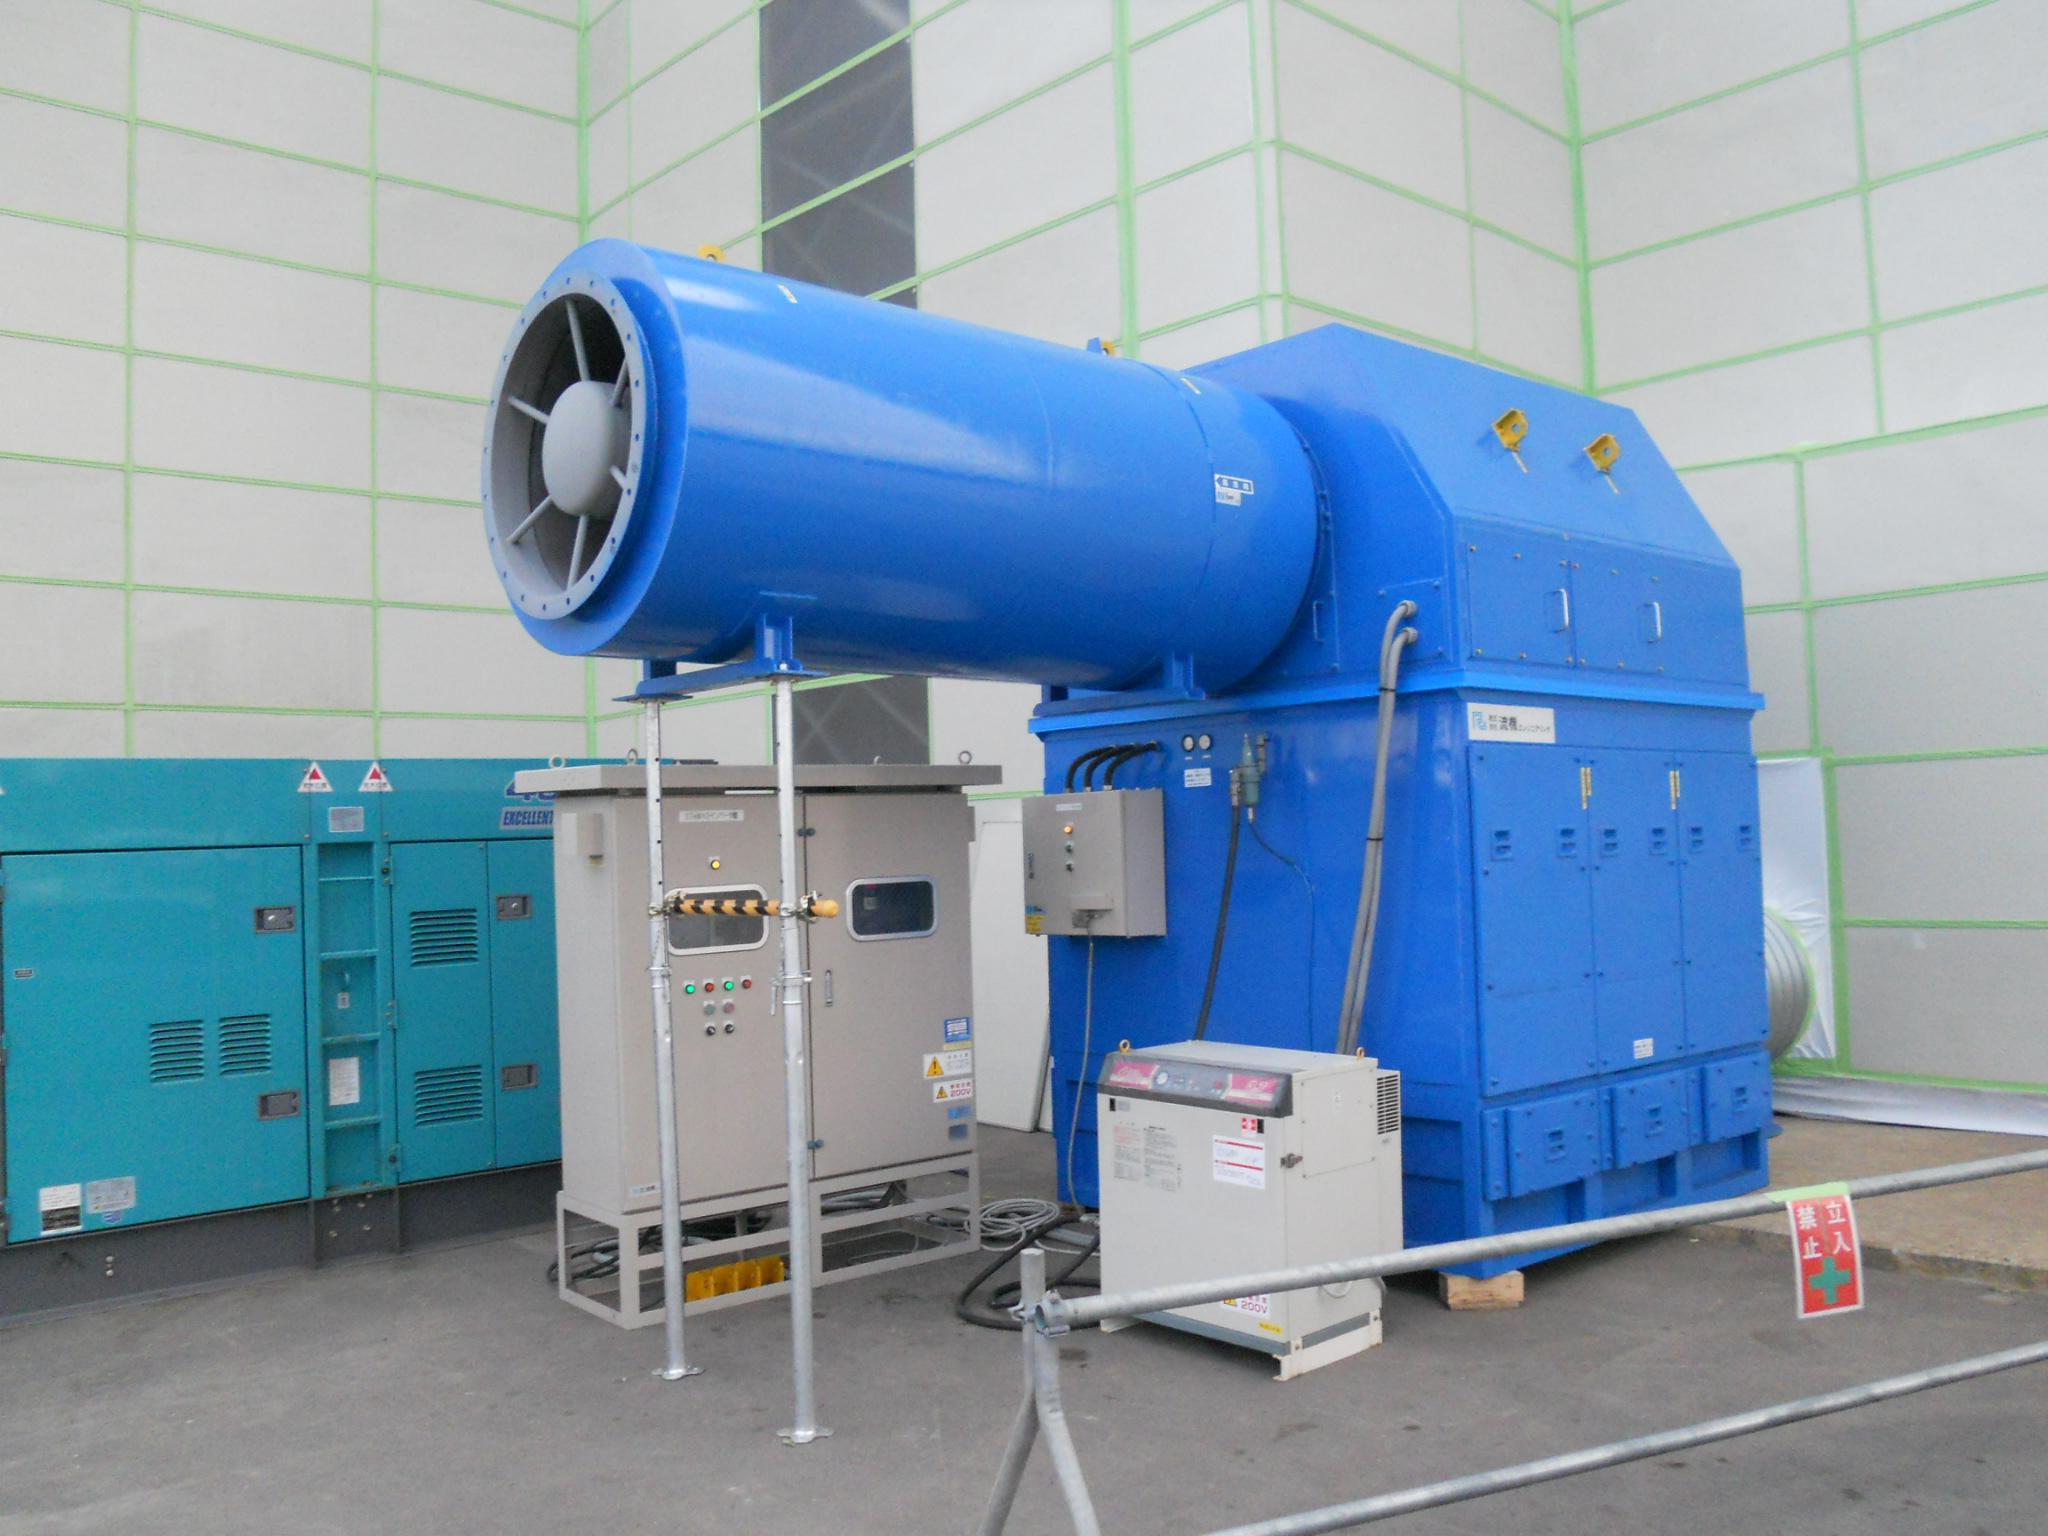 ハコモノ解体向け、都市部ビル解体工事納期短縮施工用大型集塵システム